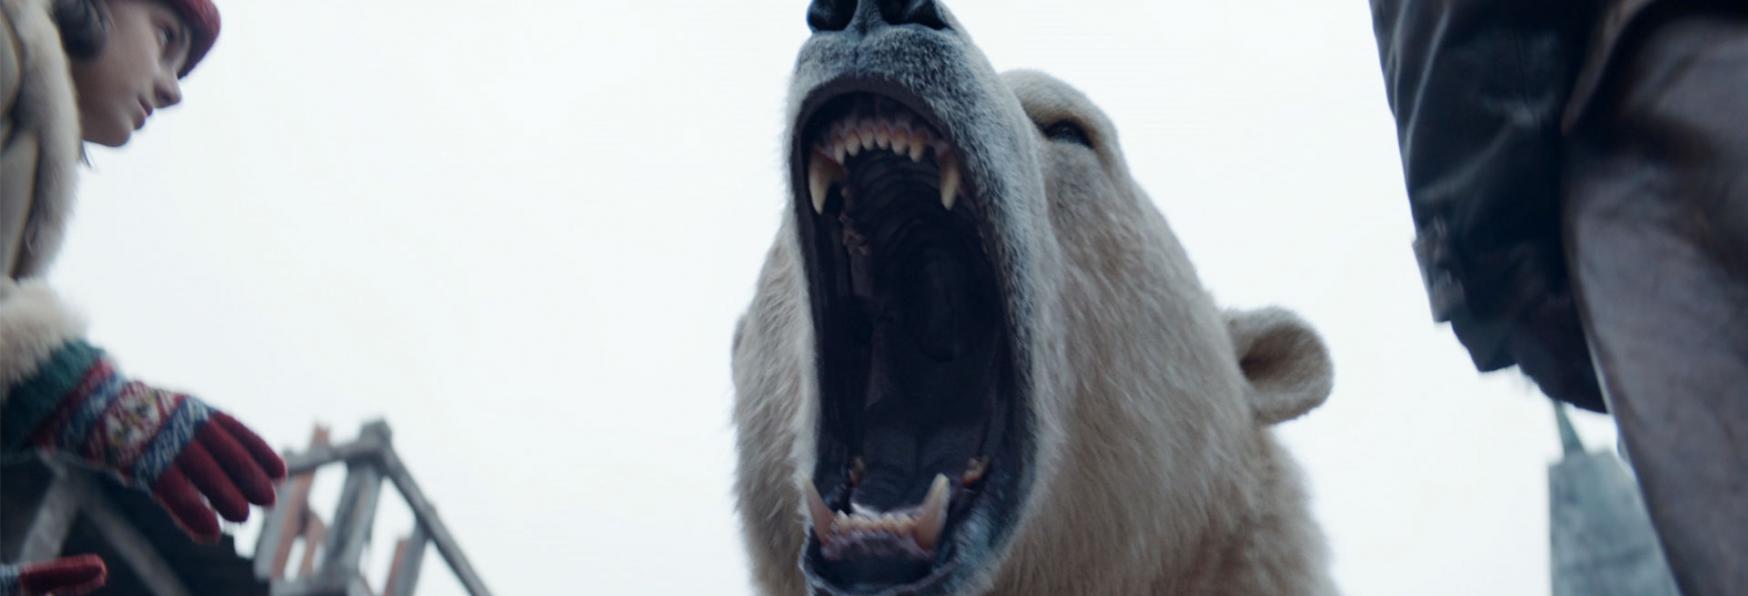 His Dark Materials: rilasciato il primo Trailer Ufficiale della nuova Serie TV